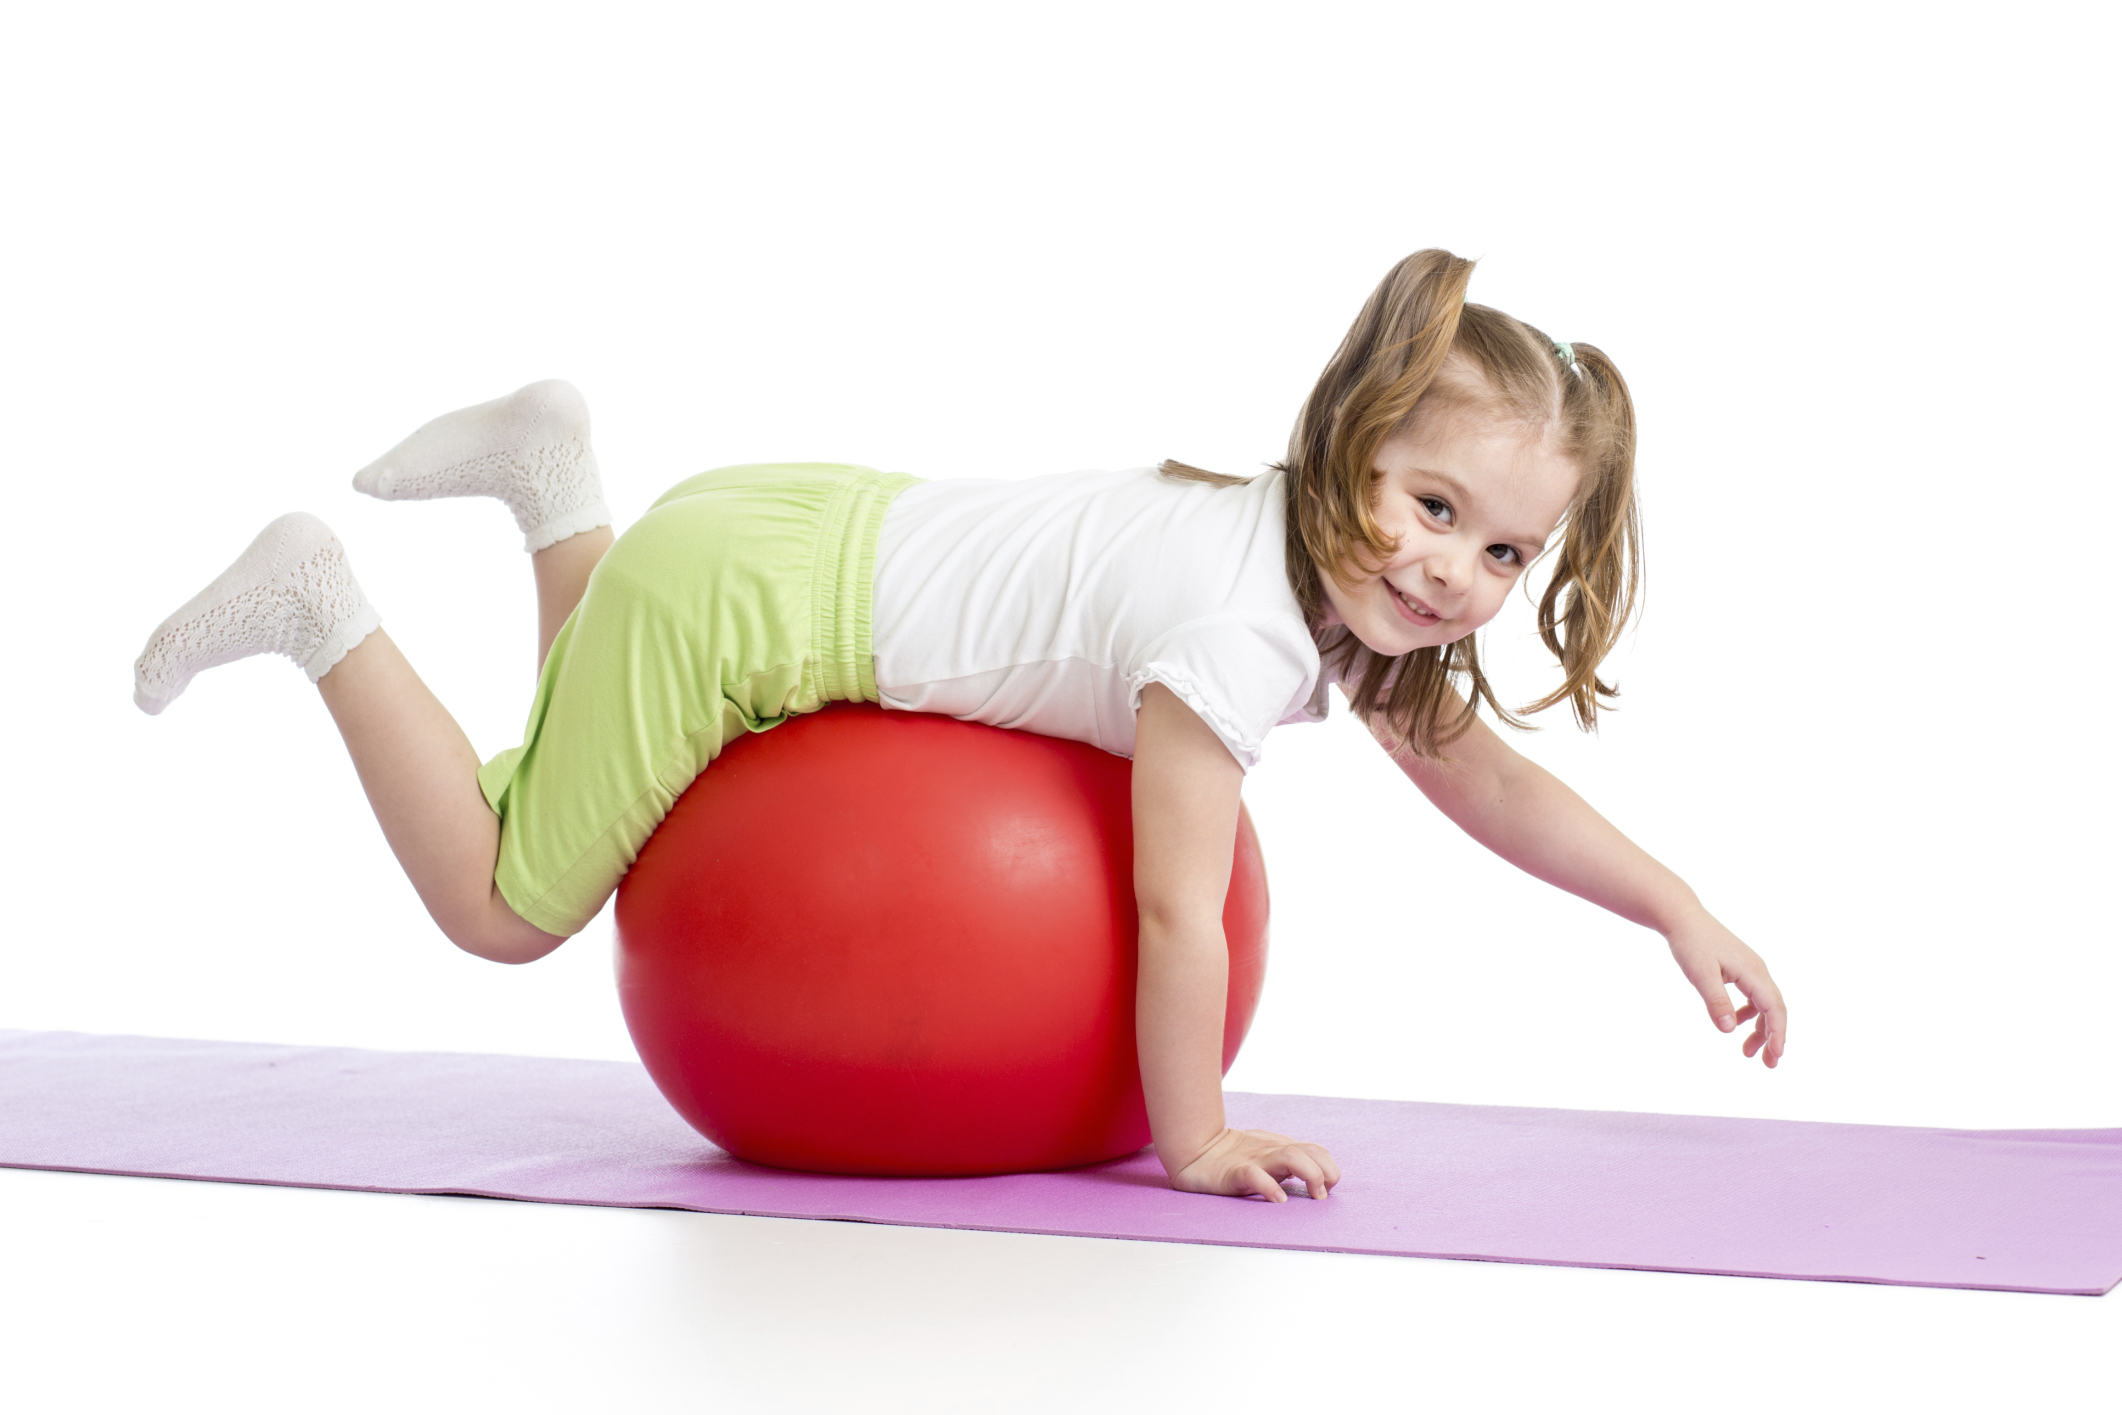 Früh übt sich: Eine gute Körperwahrnehmung verhilft Kindern zu einer verbesserten Motorik.